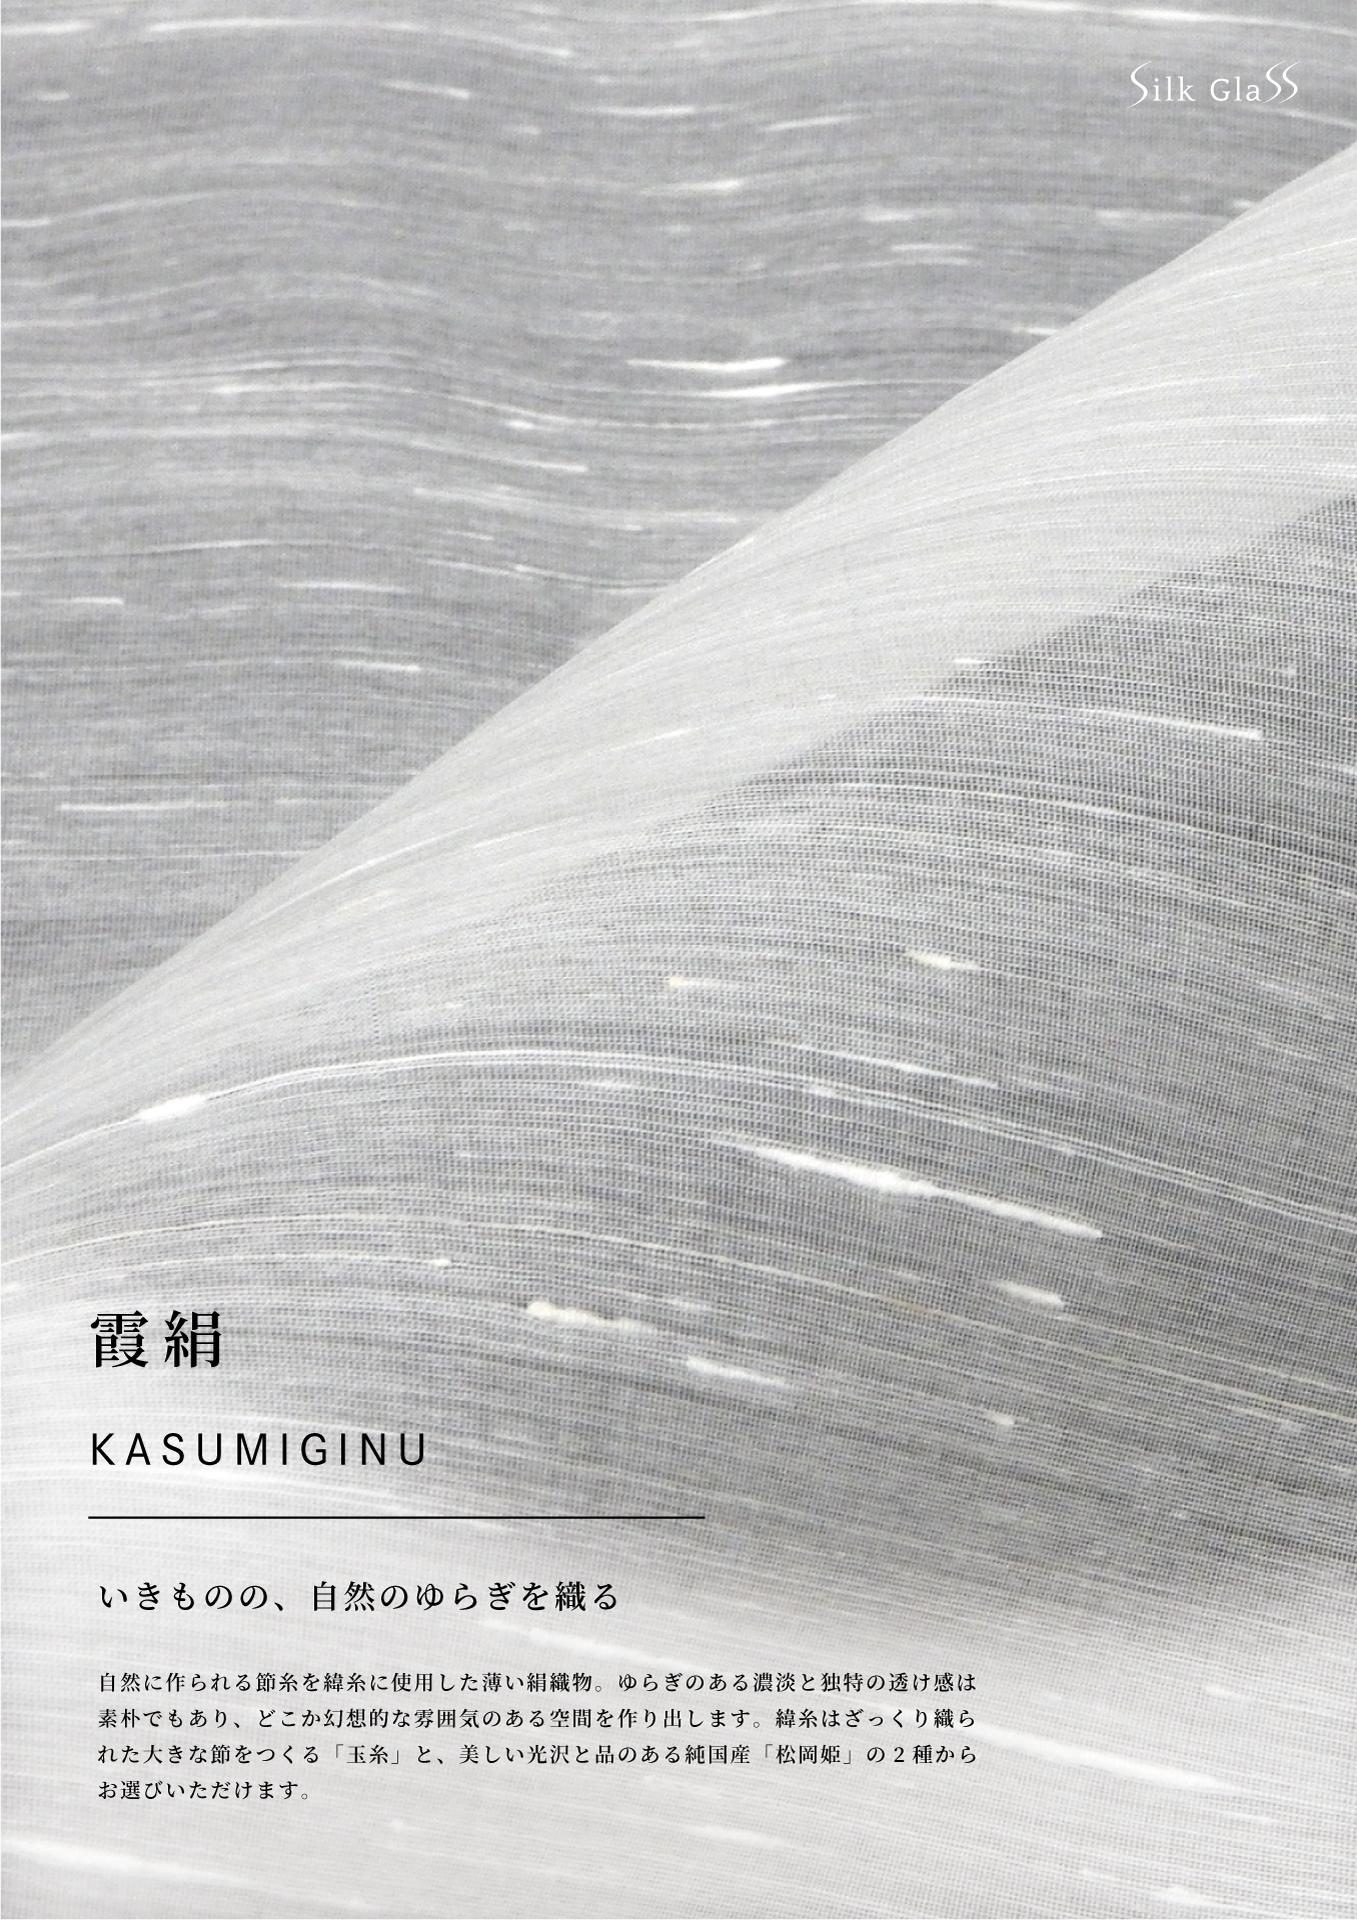 霞絹 KASUMIGINU 2.738MB